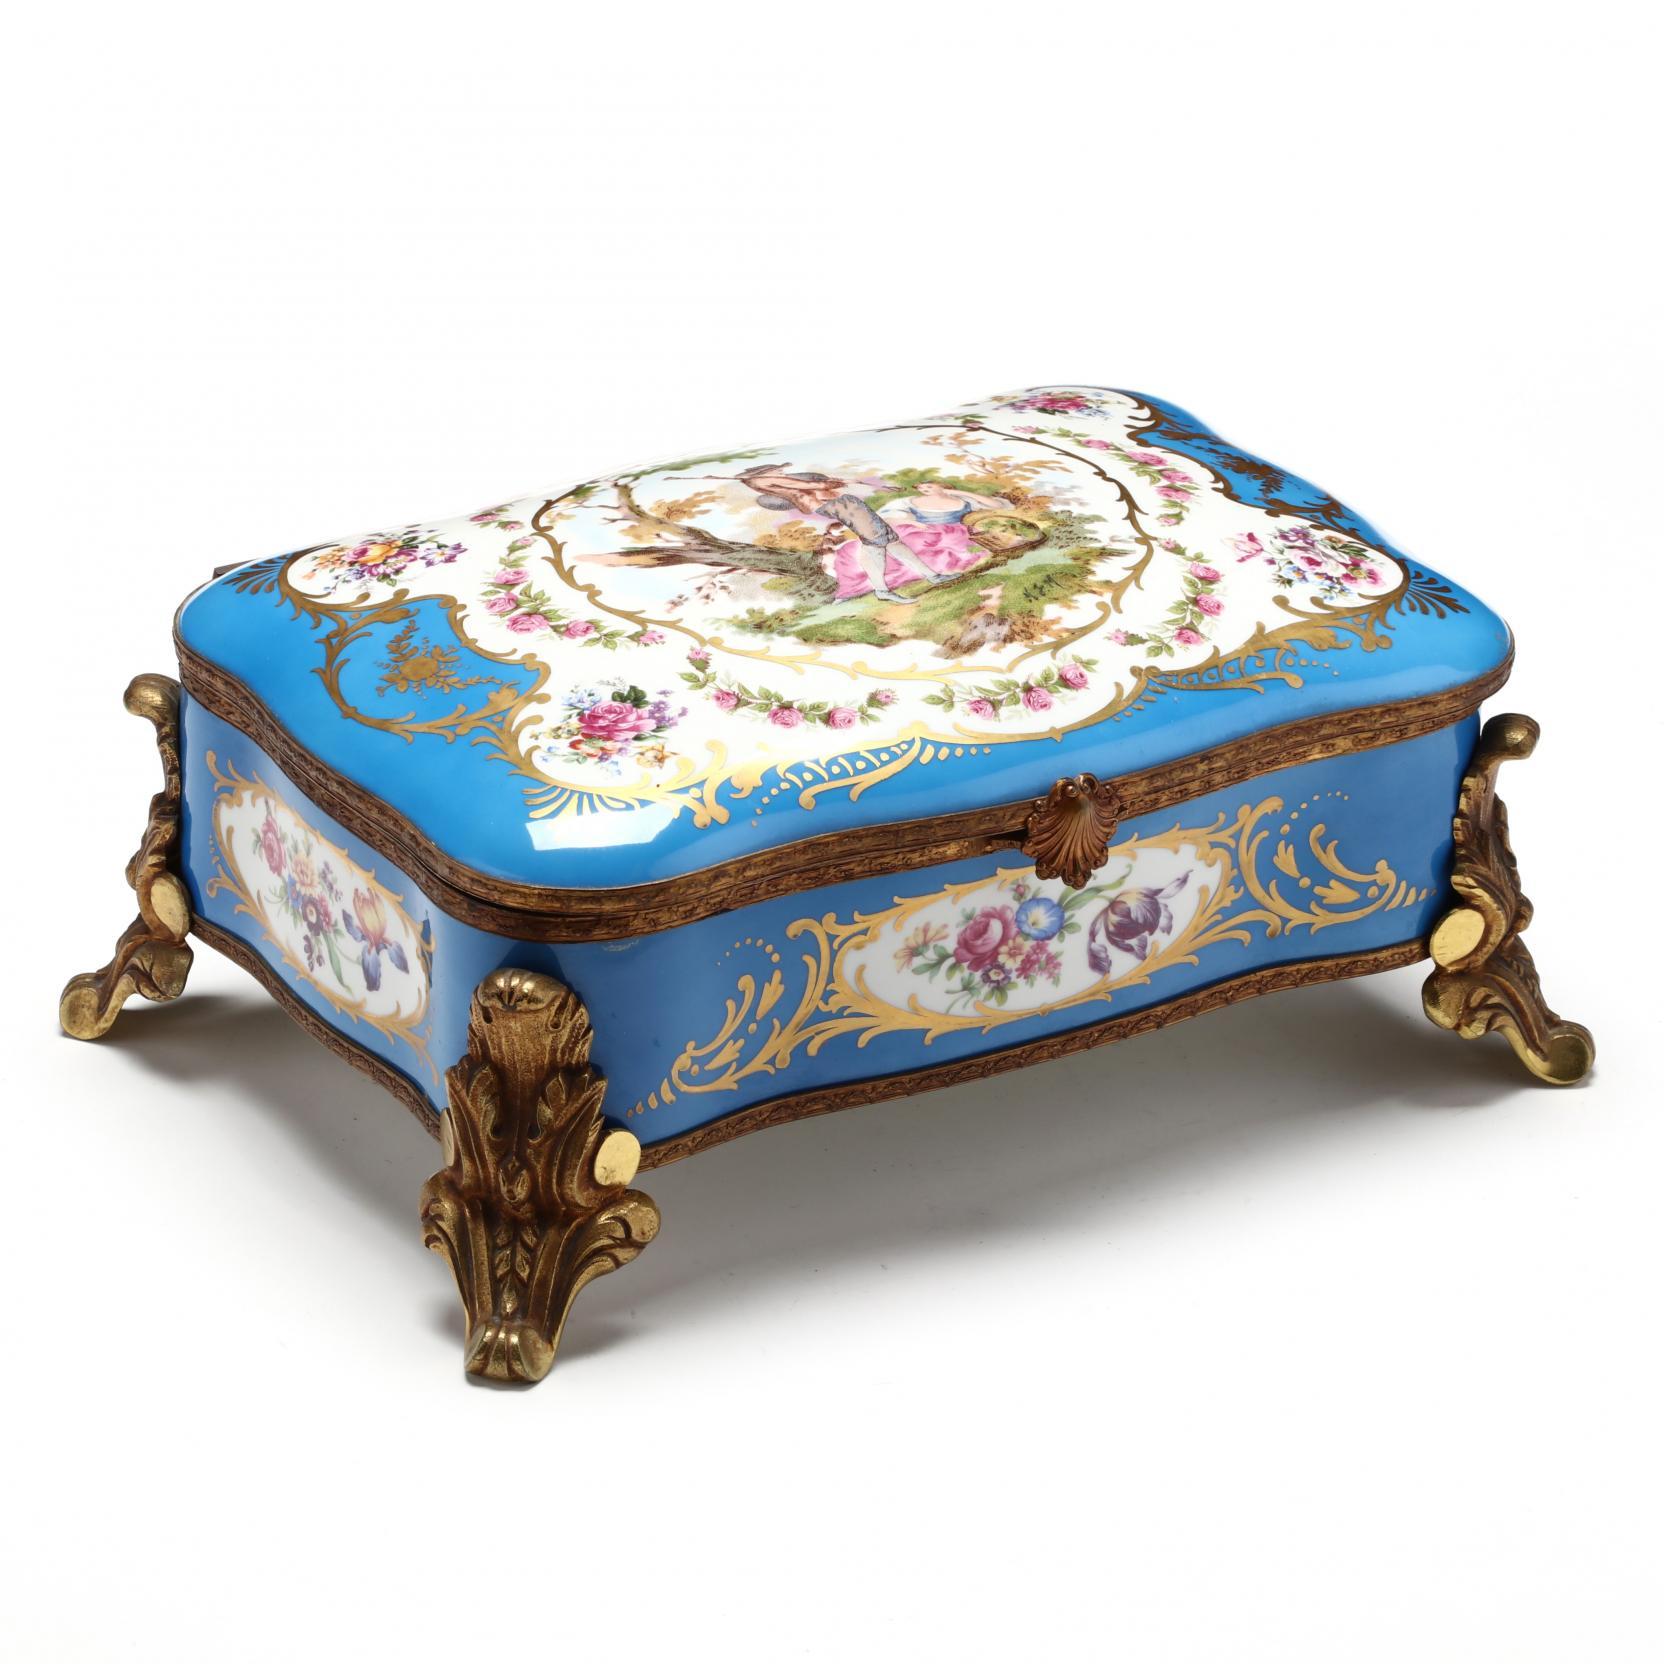 large-sevres-style-porcelain-dresser-box